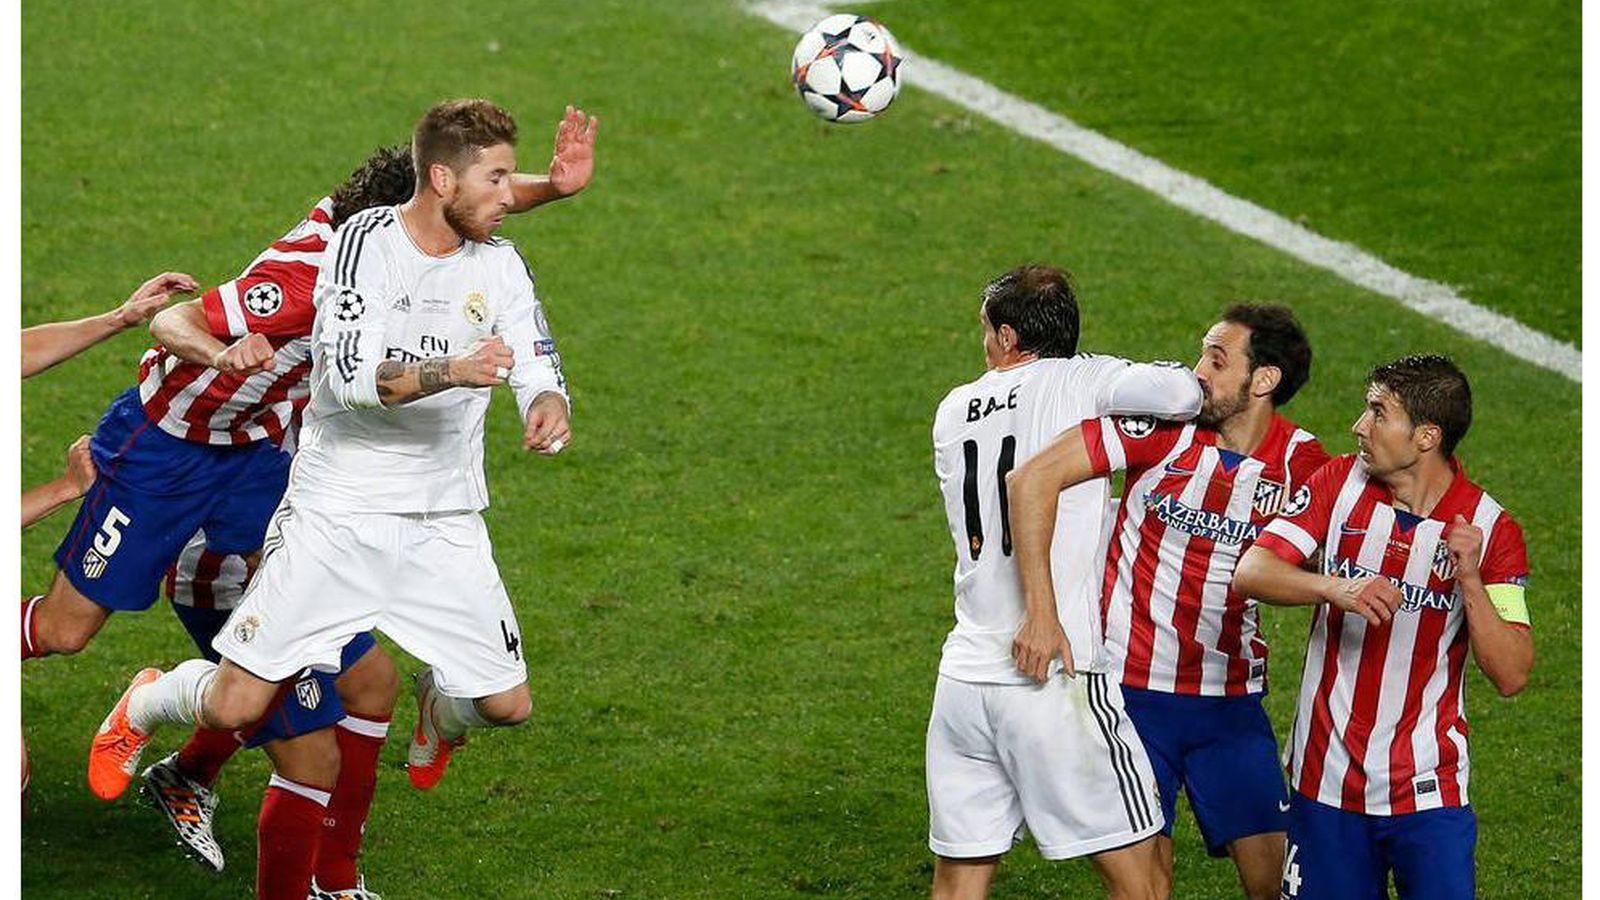 Foto: El gol de Sergio Ramos en el minuto 93 de la final de la Champions entre Real Madrid y Atlético que llevó el partido a la prórroga. (EFE)